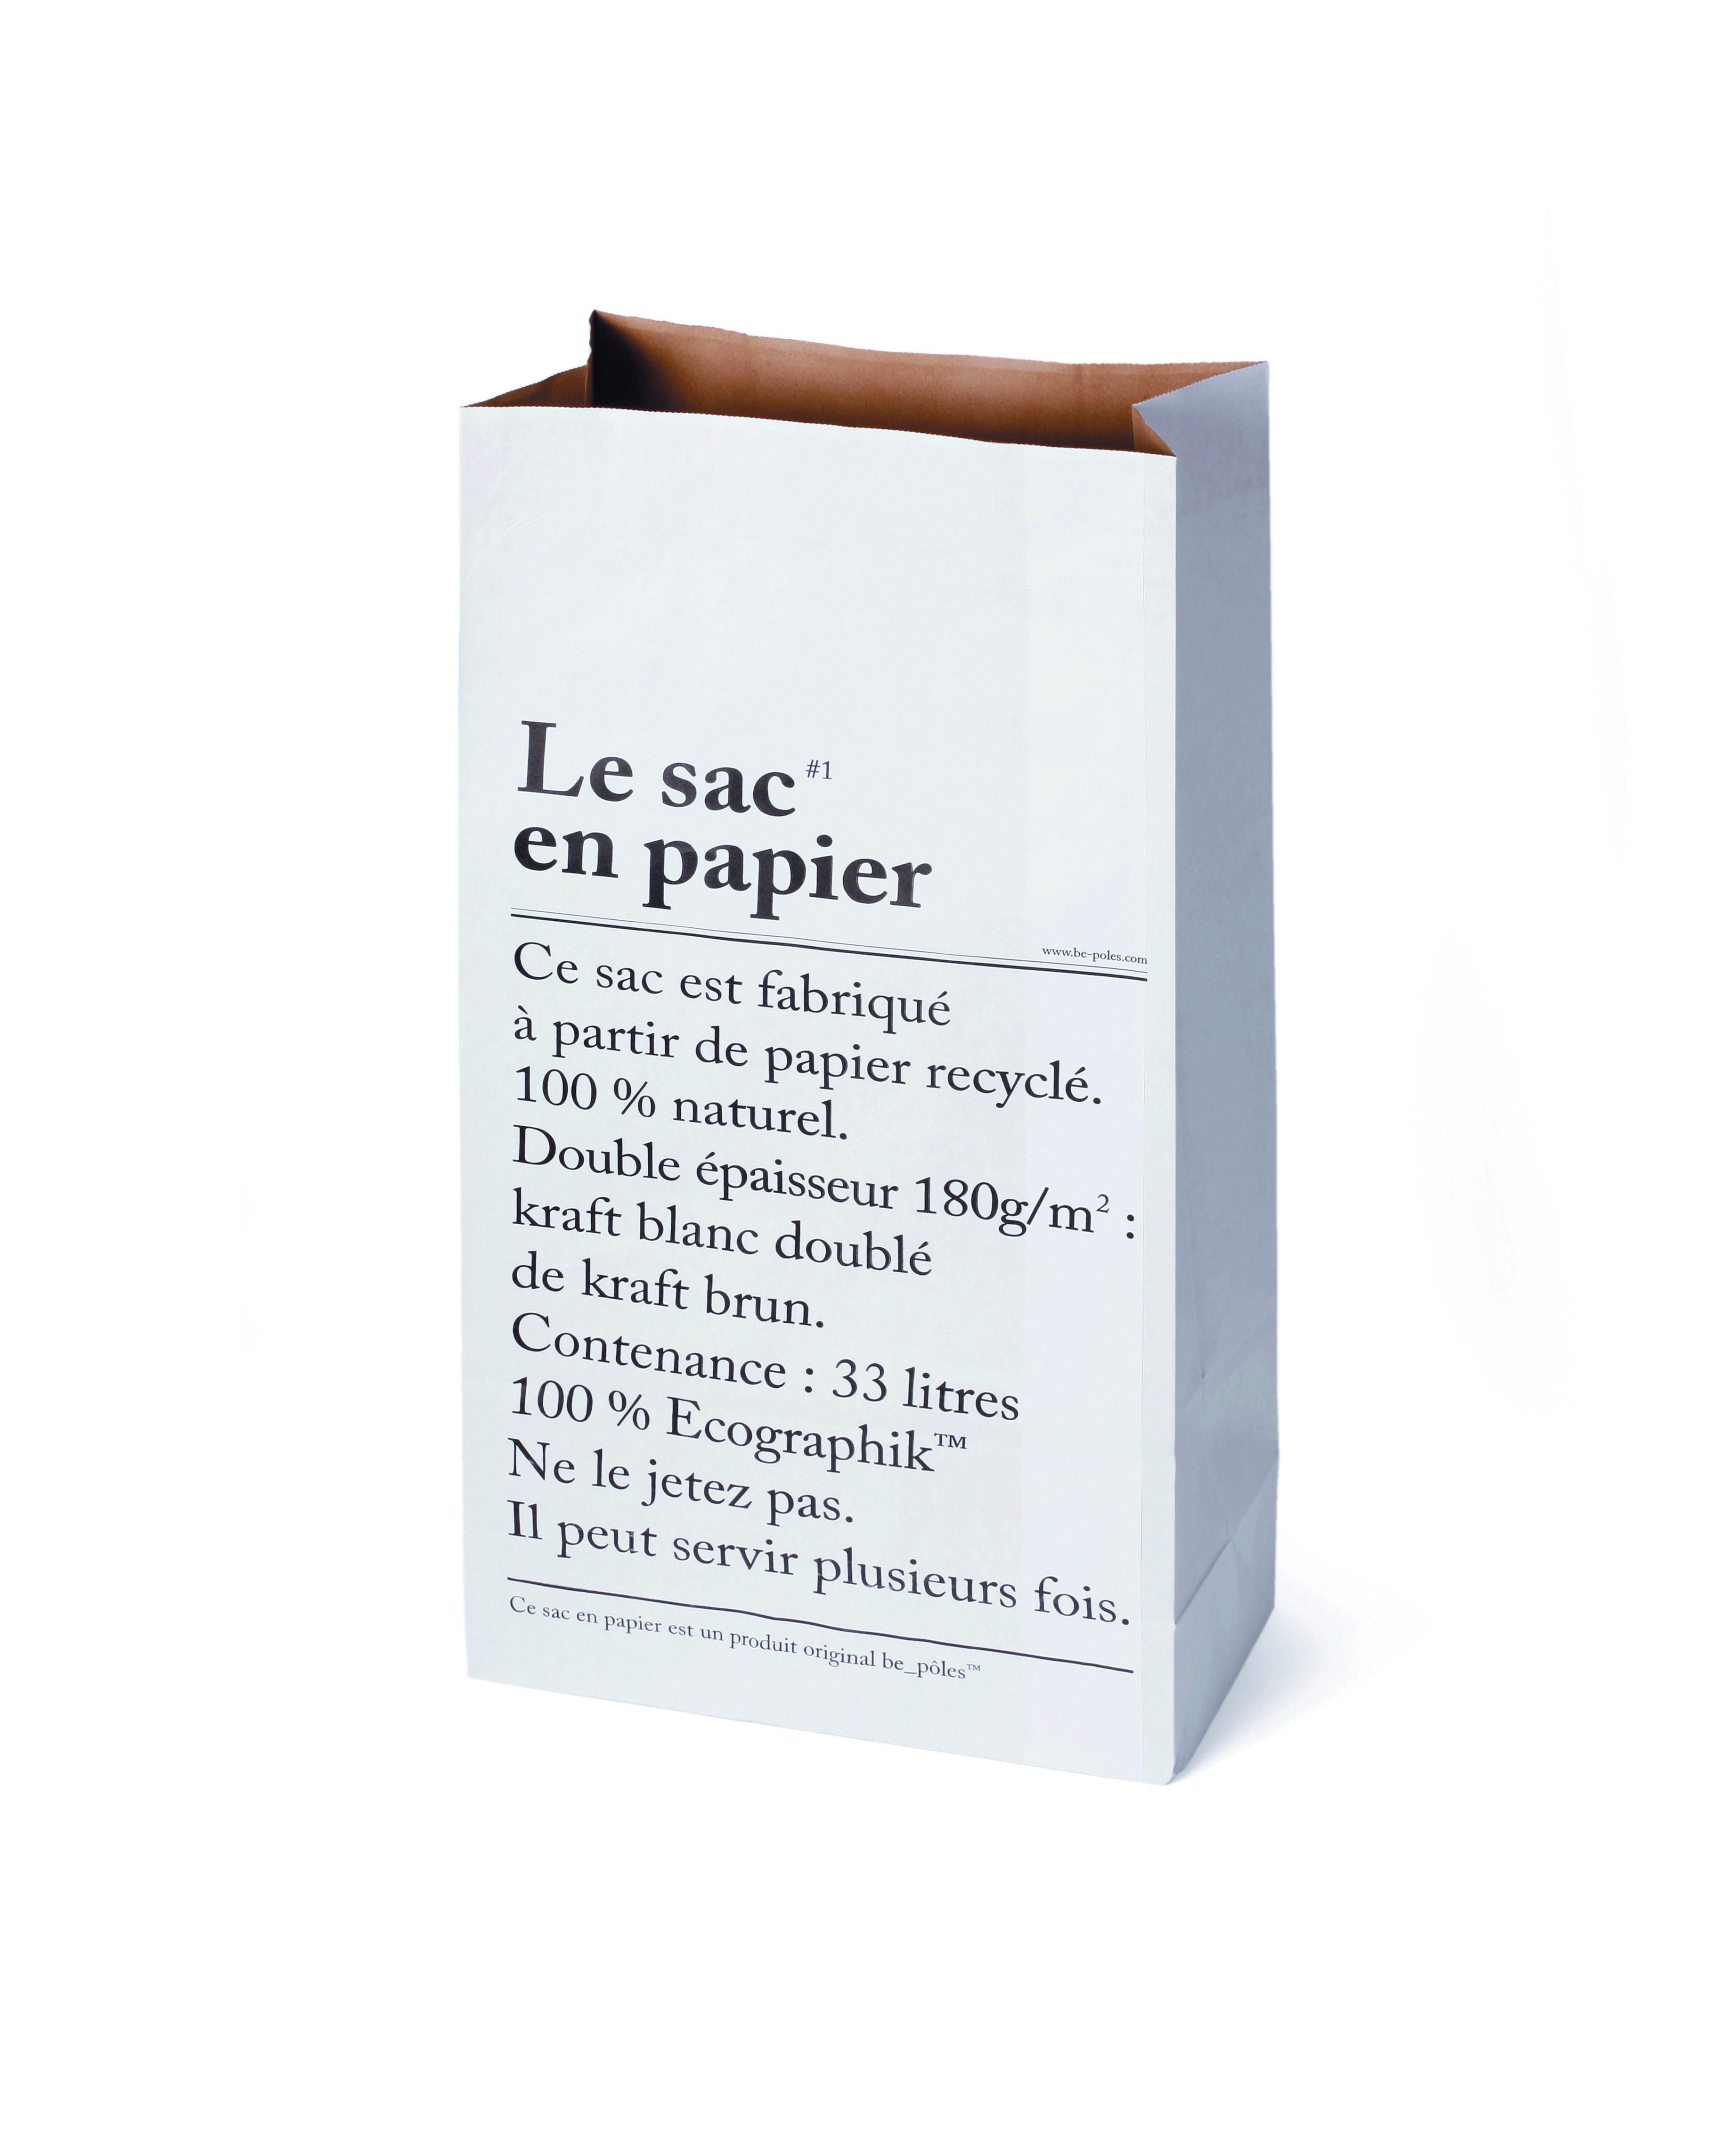 Sac en papier - Be-pôles - 6€